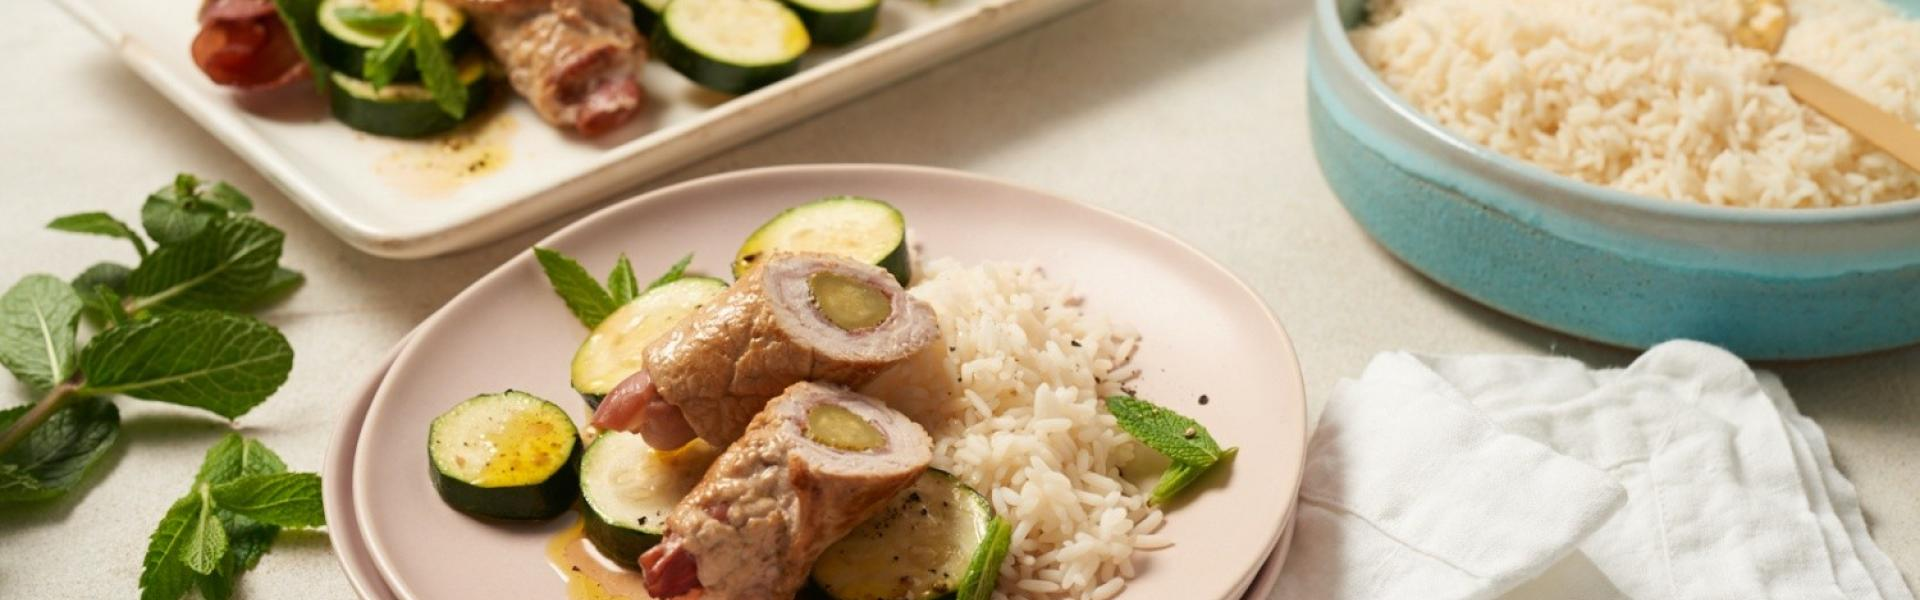 Schnitzelrollen mit Zucchini und Reis auf Teller, Schnitzelrollen auf Servierplatte, Reis in Schüssel